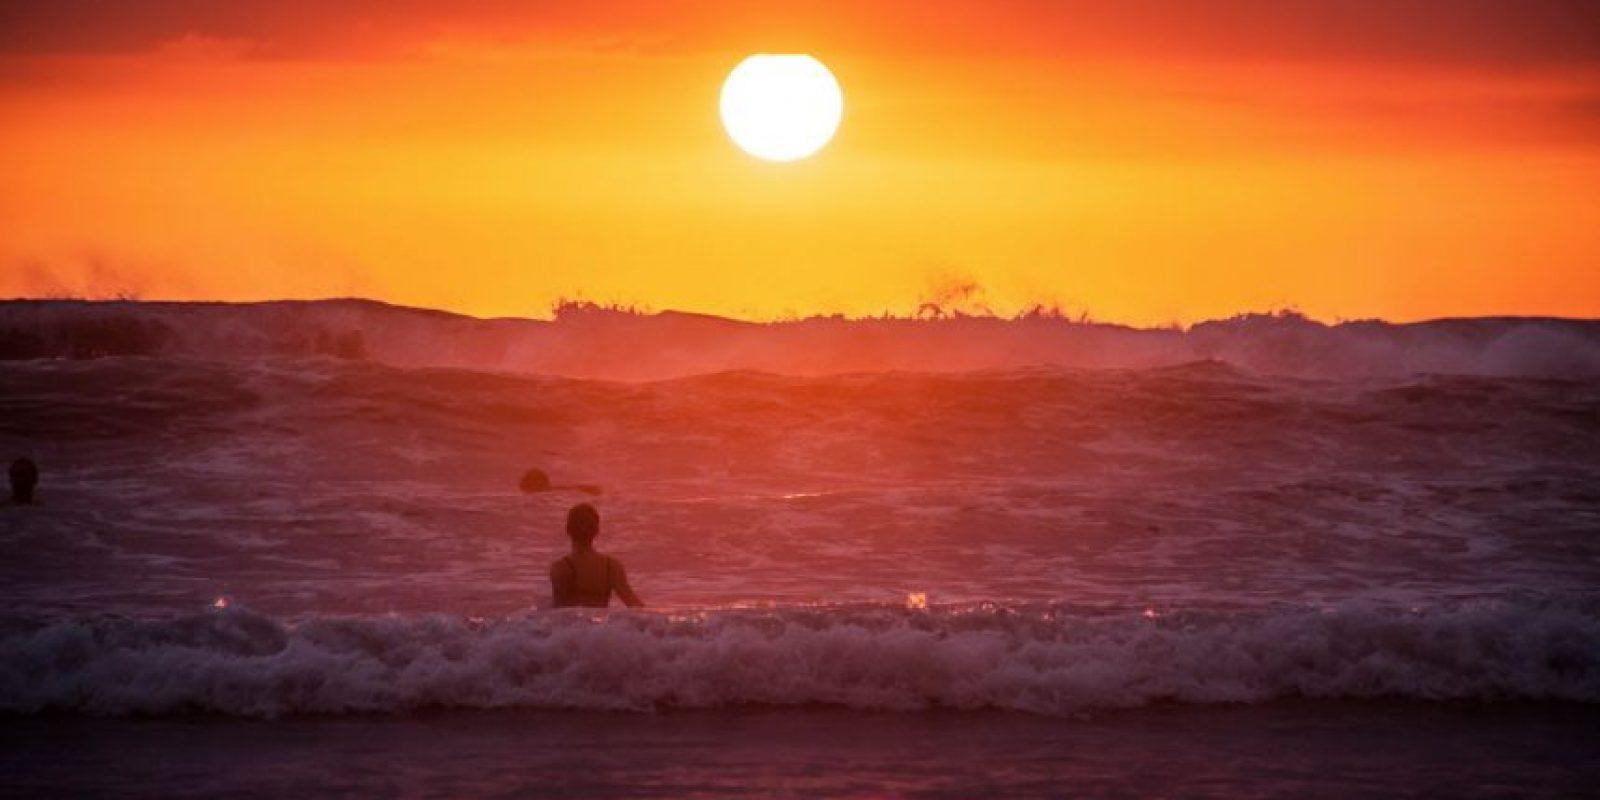 """Estos son los mejores 10 lugares para vacacionar, según la revista """"US News & World Report"""": 1. Costa Rica. En diciembre el país mantiene sus temperaturas arriba de los 20 grados. Foto:Vía Flickr"""